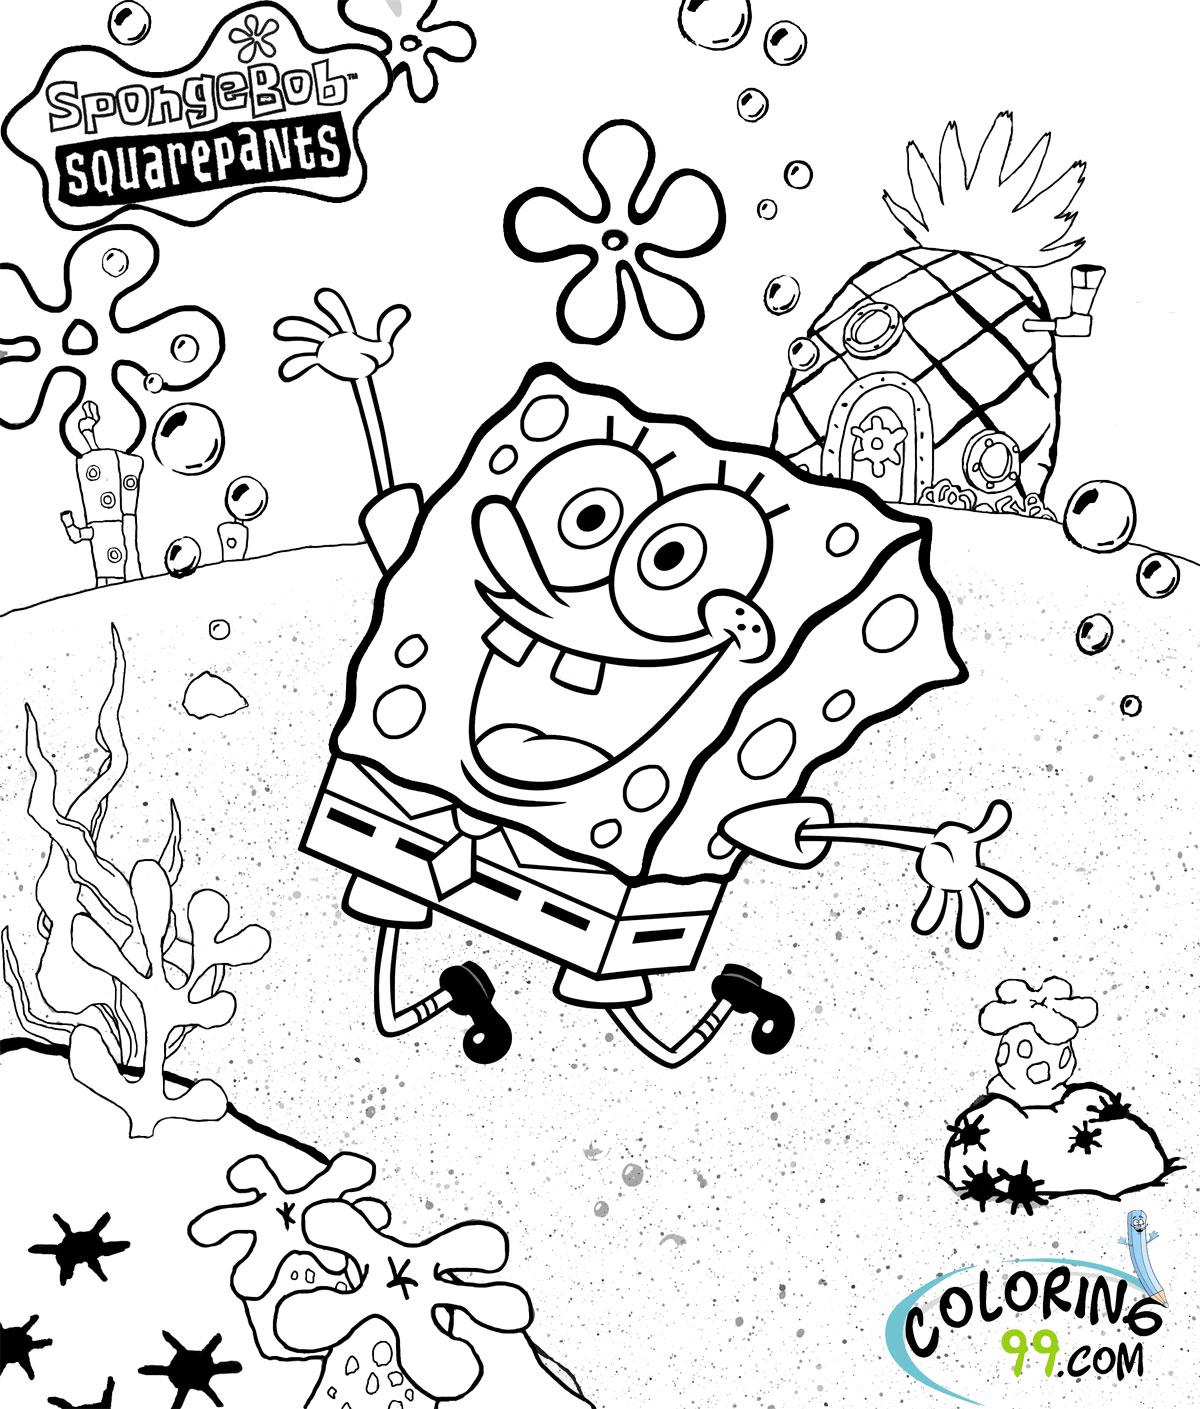 sponge bob coloring pages august 2013 team colors sponge pages bob coloring